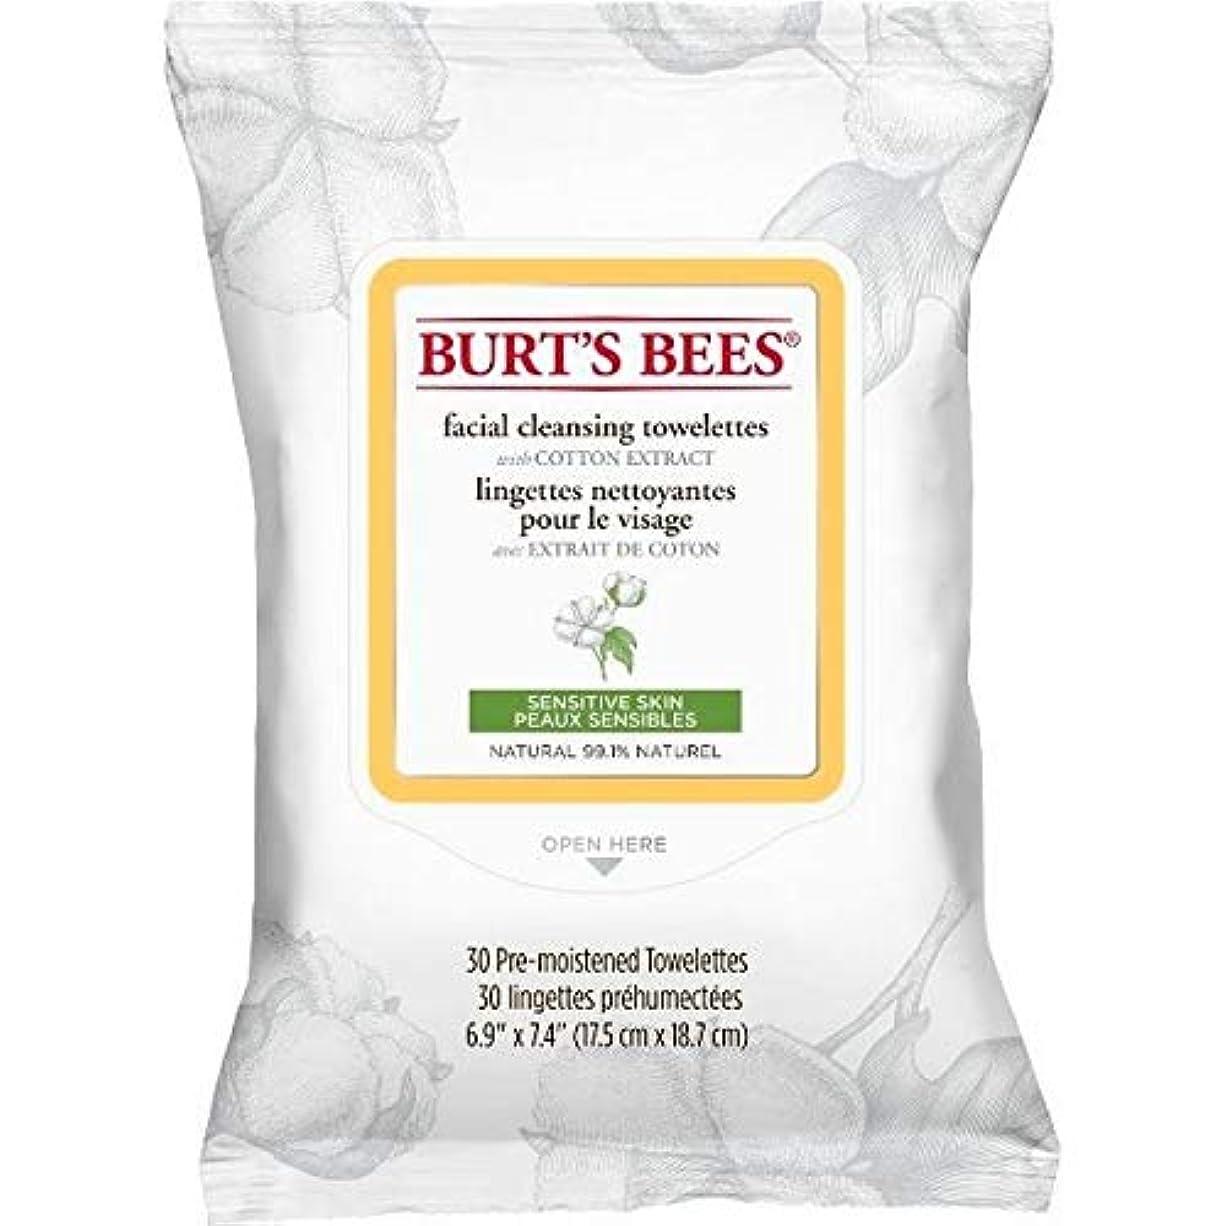 遅いレプリカタックル[Burt's Bees ] バーツビー敏感な顔の浄化用ペーパータオルエキスX30 - Burt's Bees Sensitive Facial Cleanse Towelettes Extract x30 [並行輸入品]